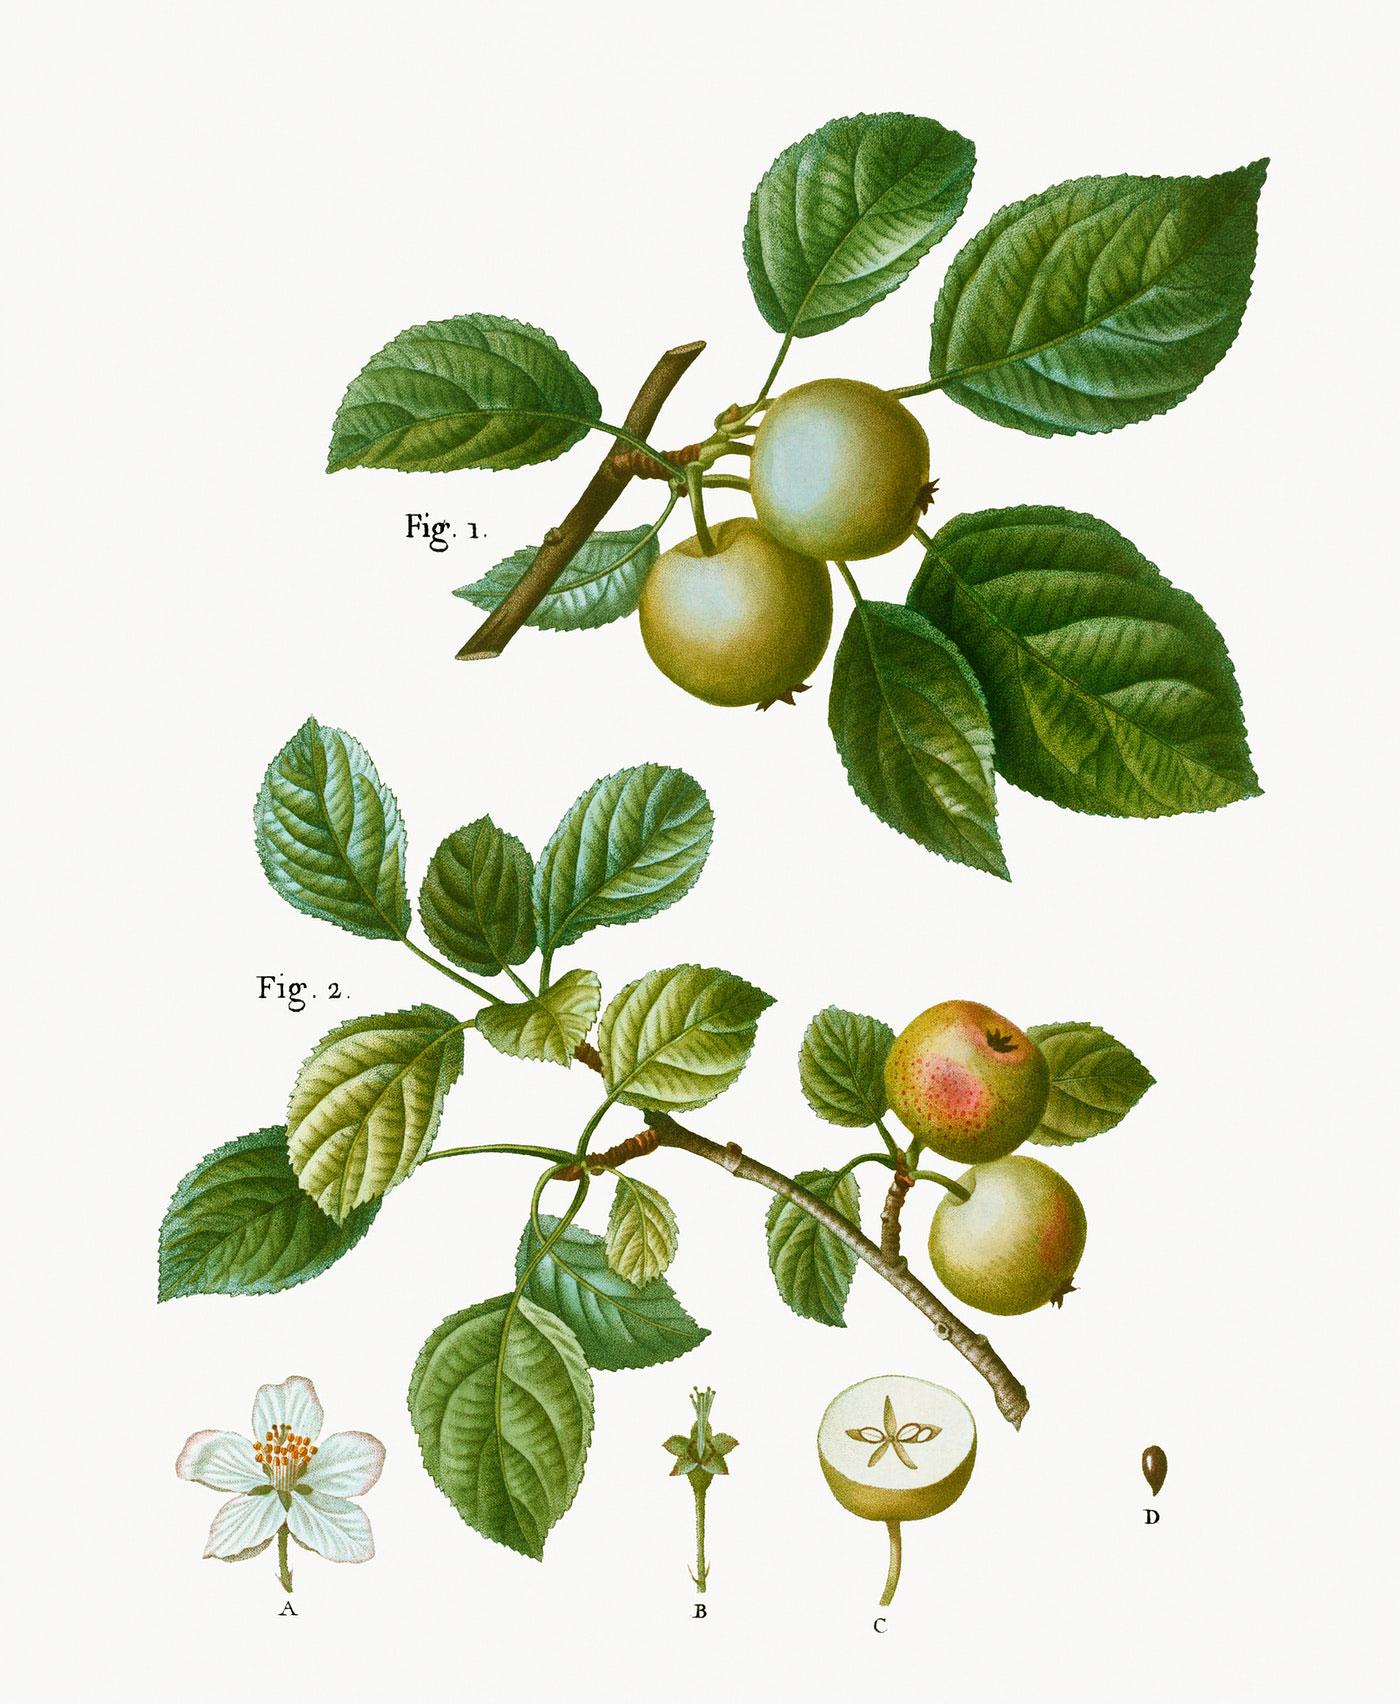 Plant-Illustration-of-Crab-apple